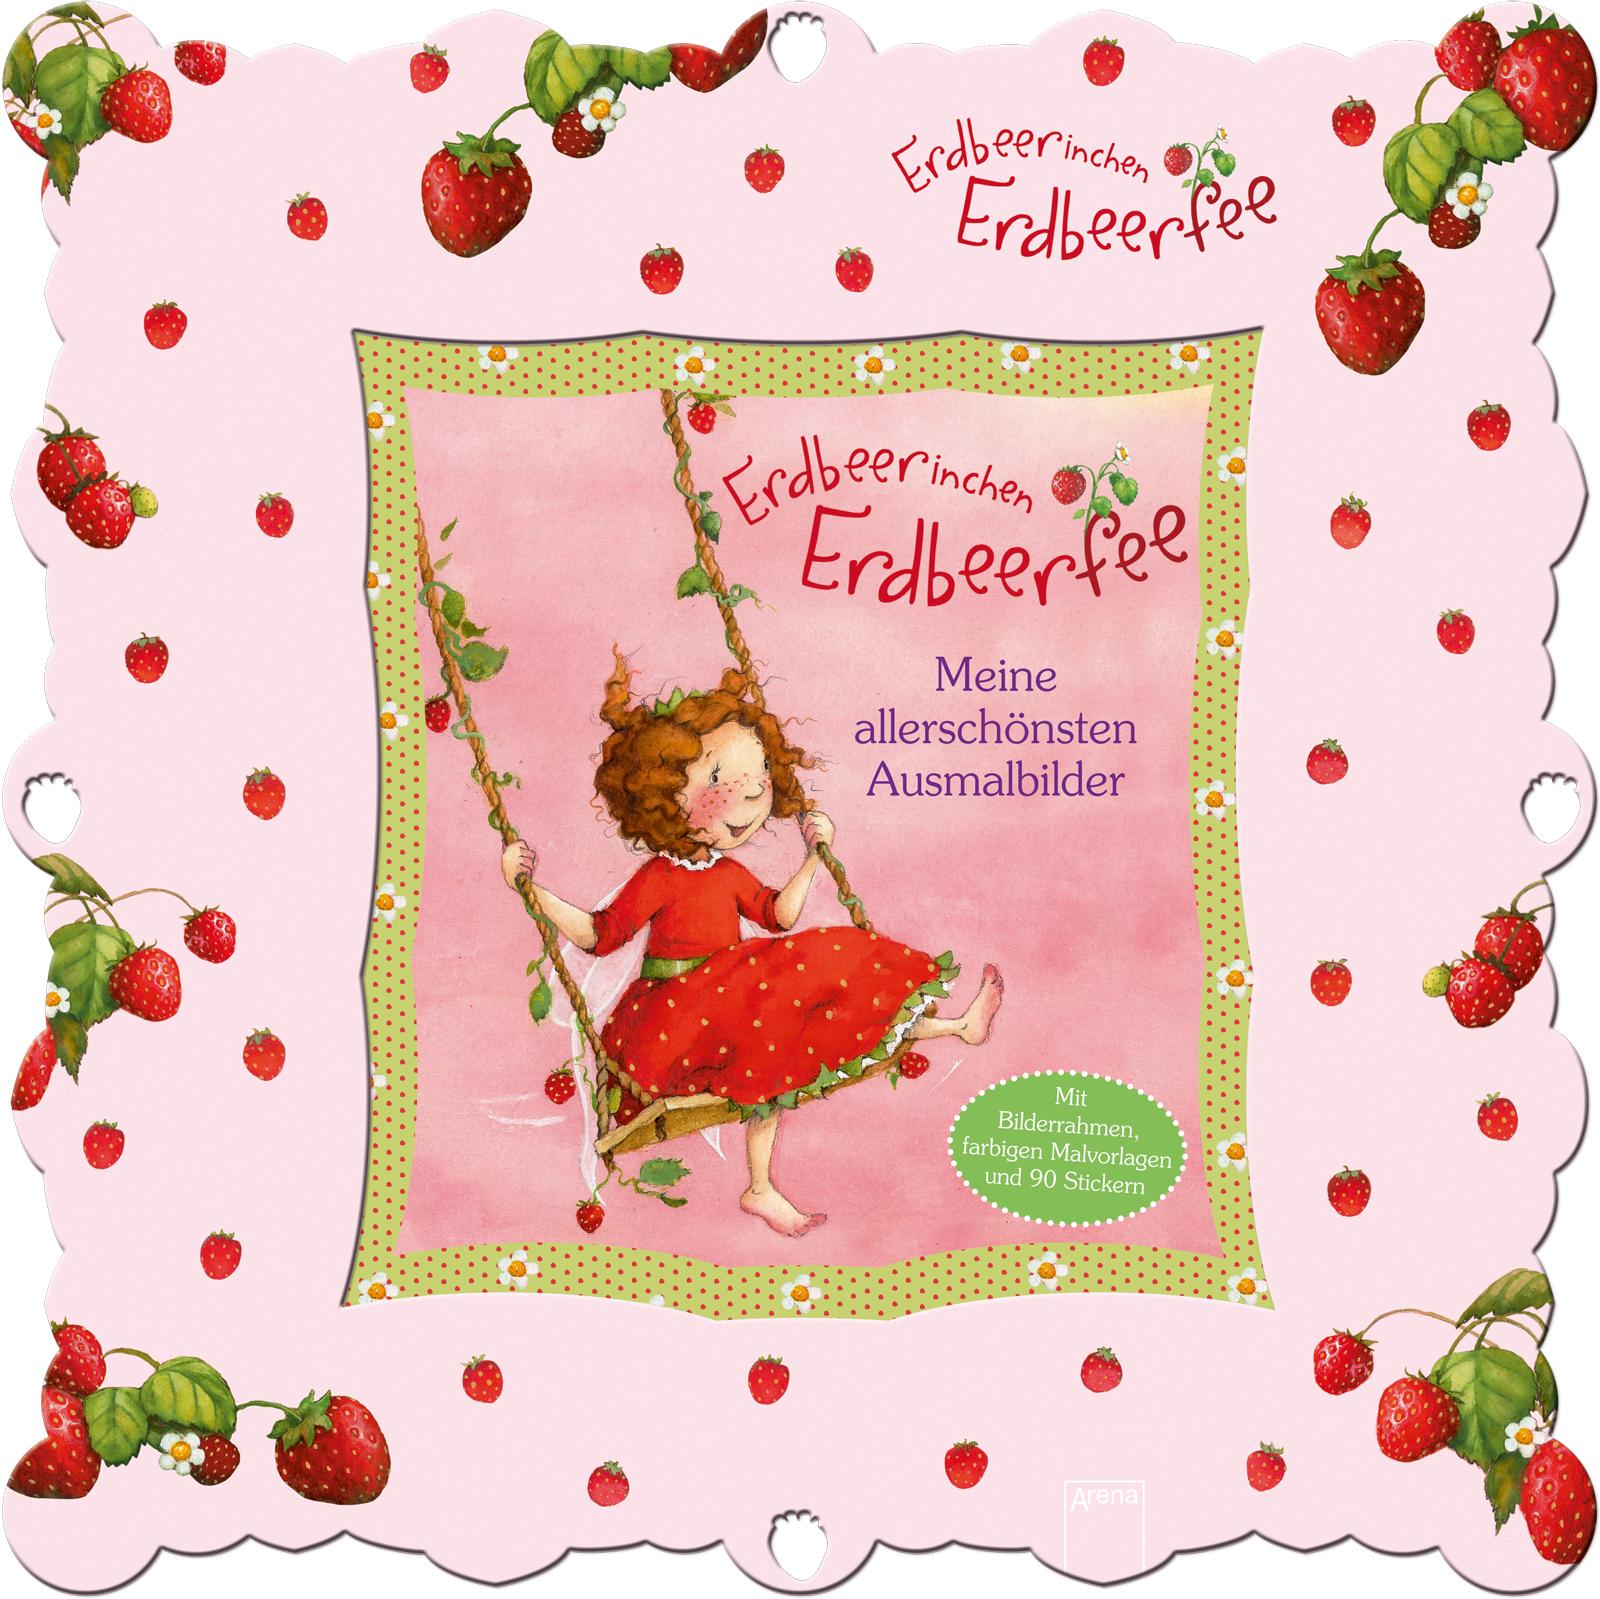 Erdbeerinchen Erdbeerfee. Meine allerschönsten Ausmalbilder | ARENA ...